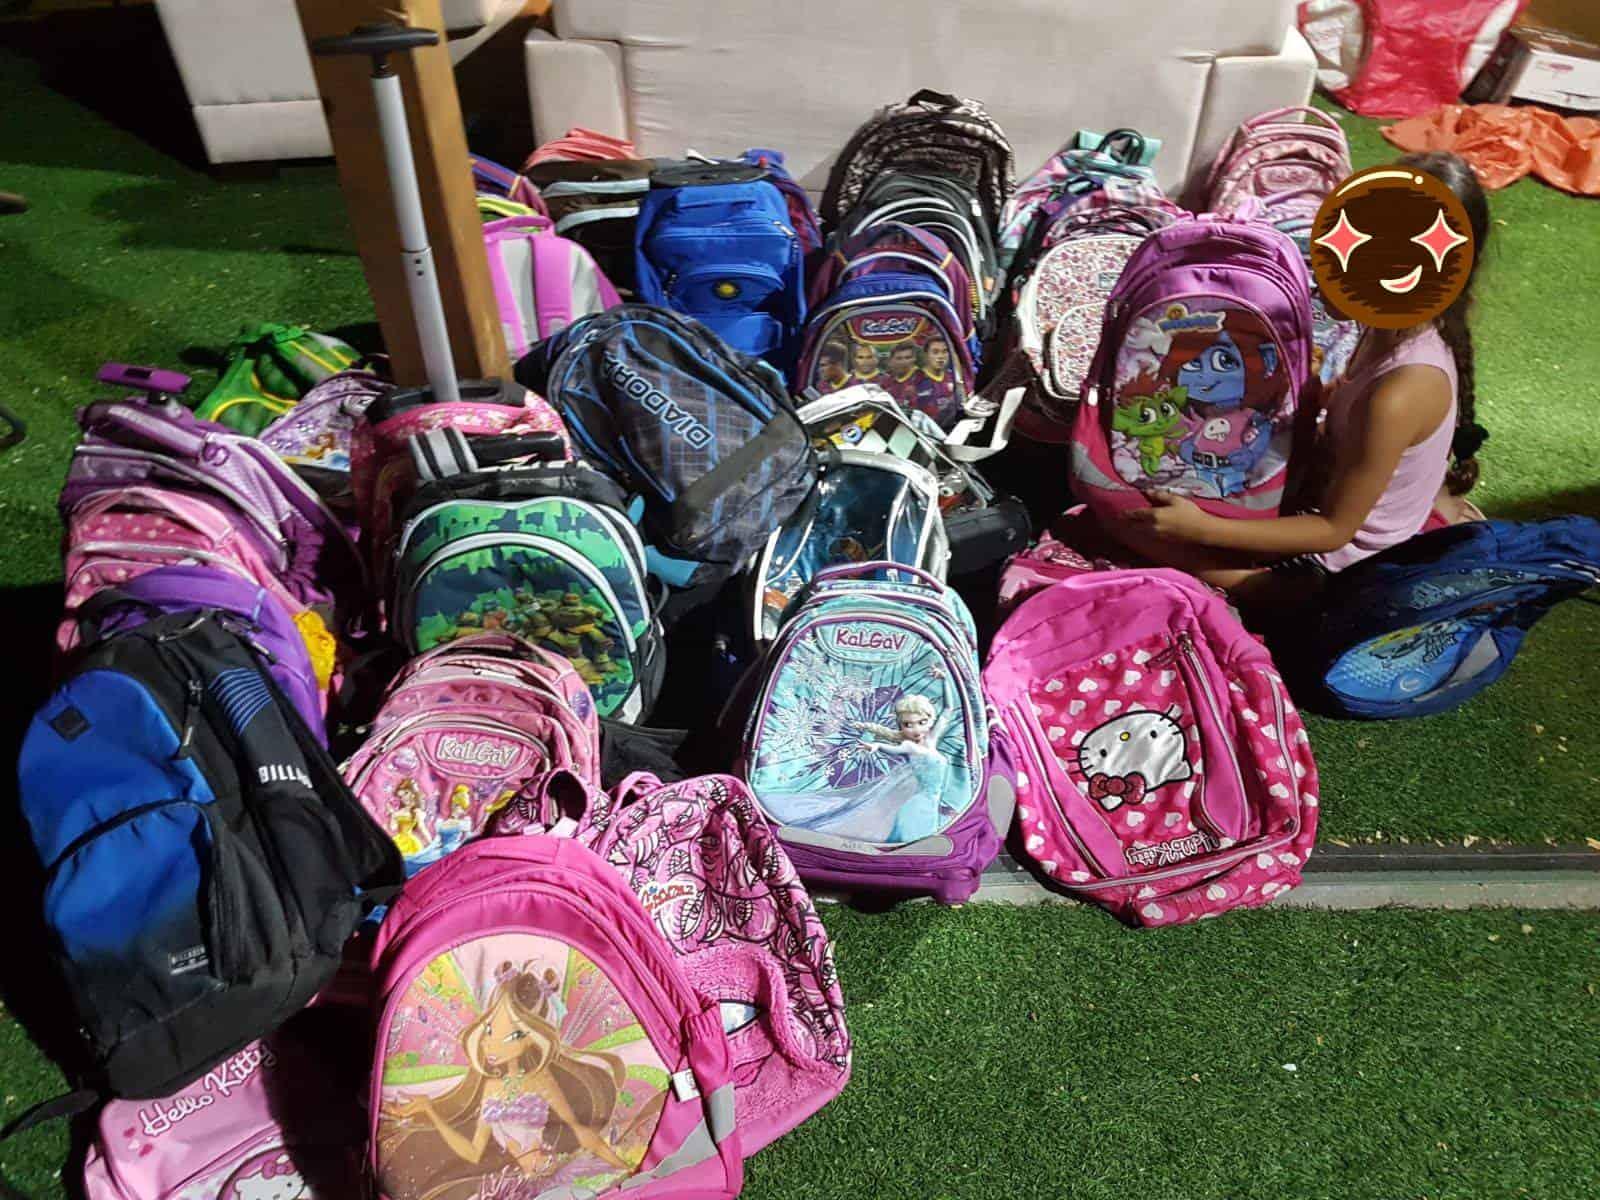 פרויקט איסוף ילקוטים לילדי בית הספר, צילום: מלי אלמלם